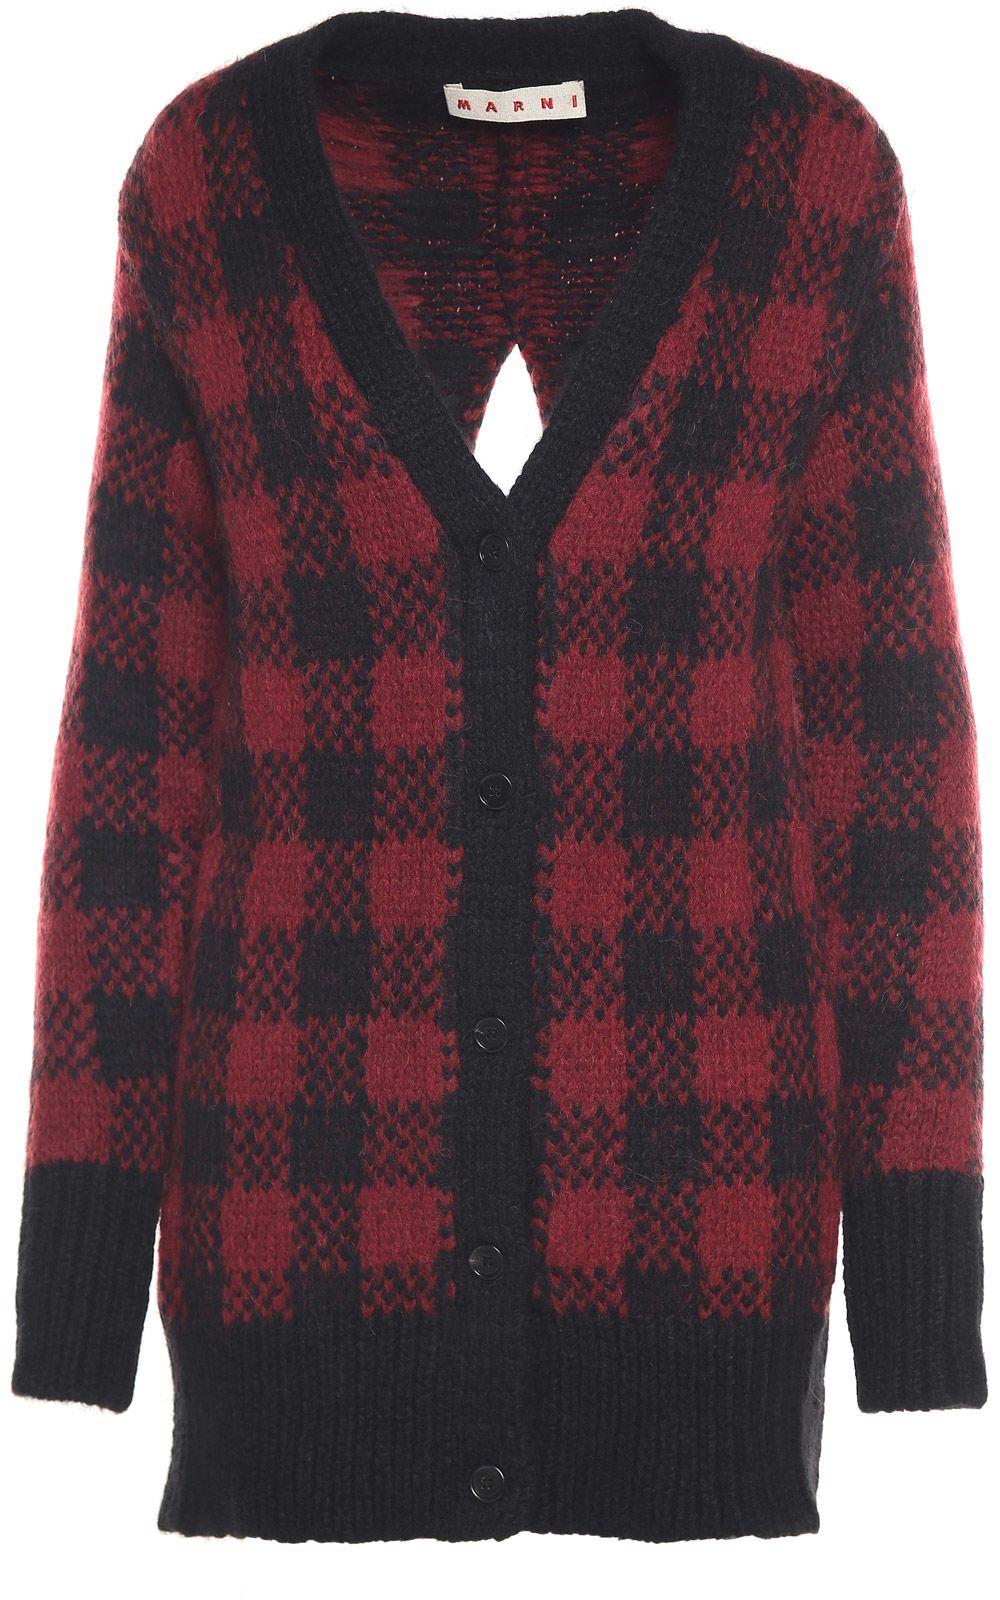 Marni Jaquard Wool And Alpaca-blend Split Cardigan Sweater